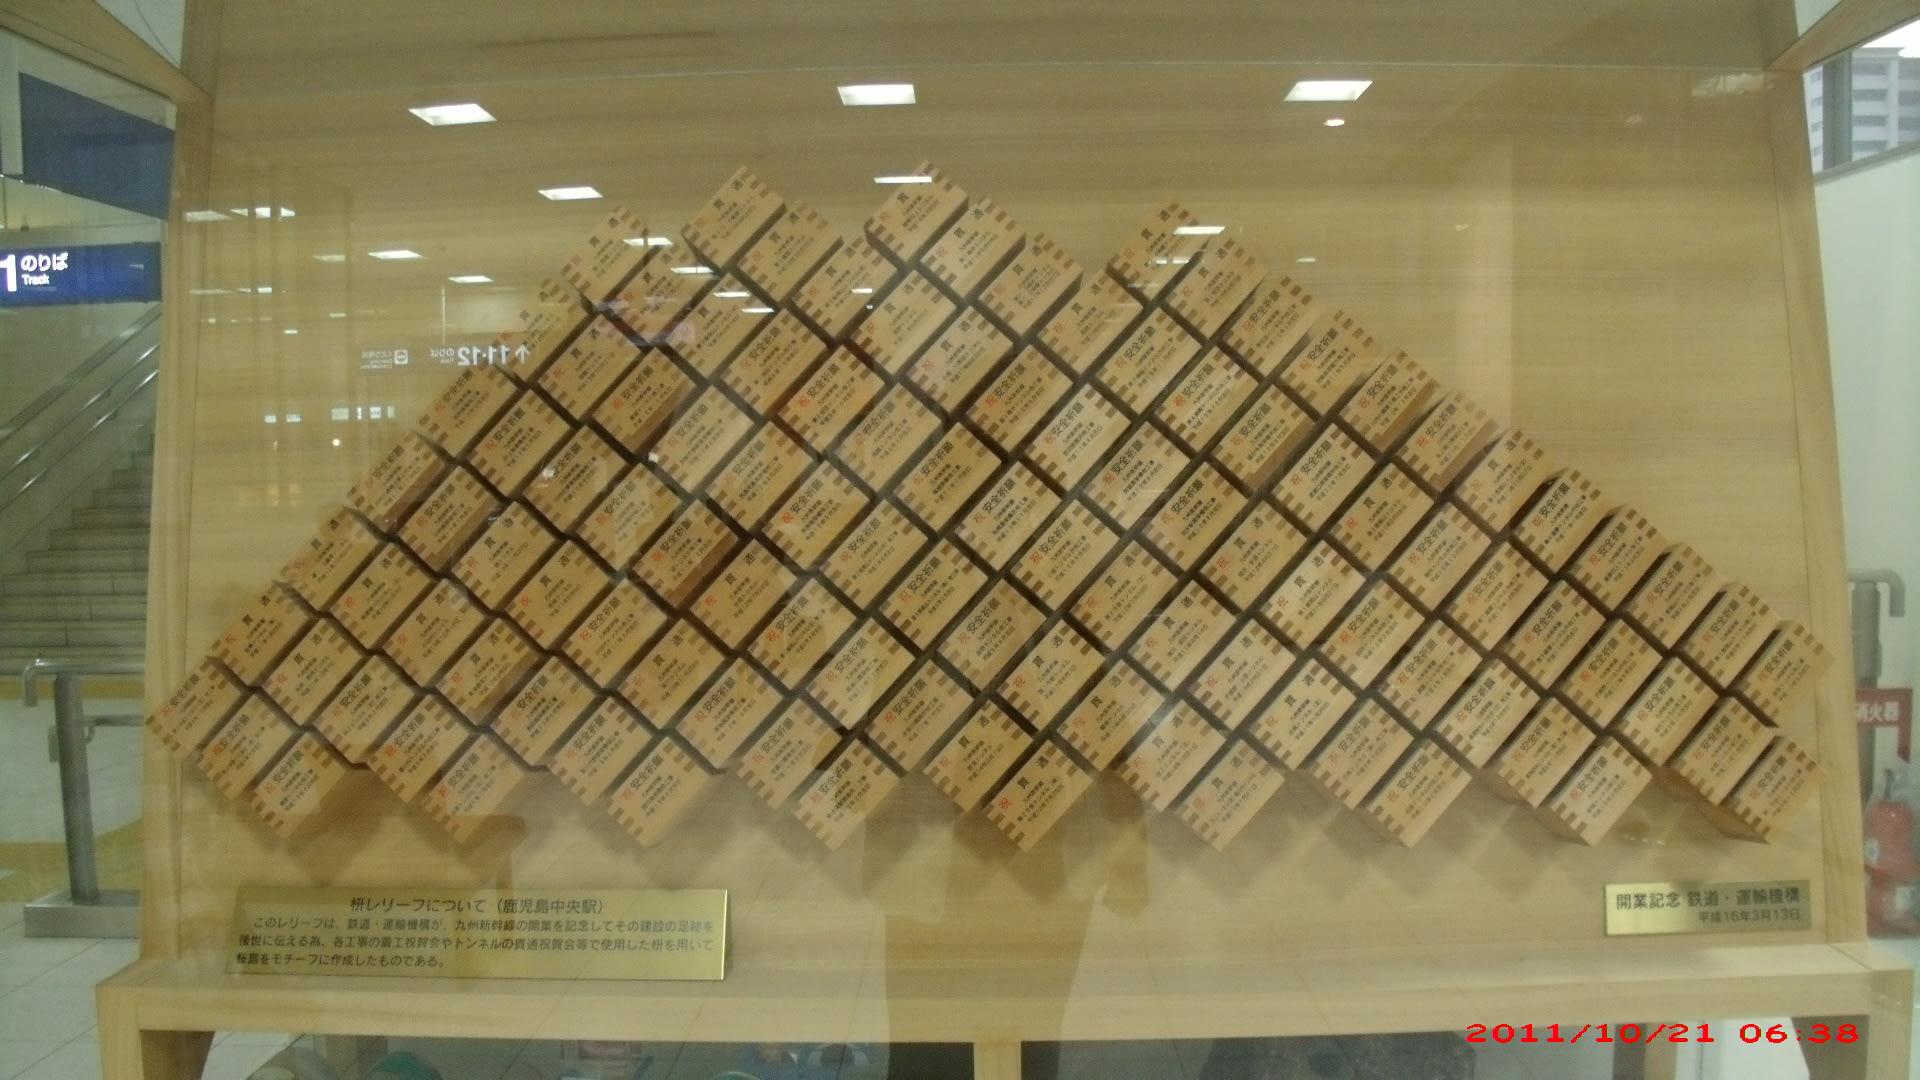 新幹線<みずほ>の旅 (Ⅱ)往路① (2011年10月21日) - はぐれ ...